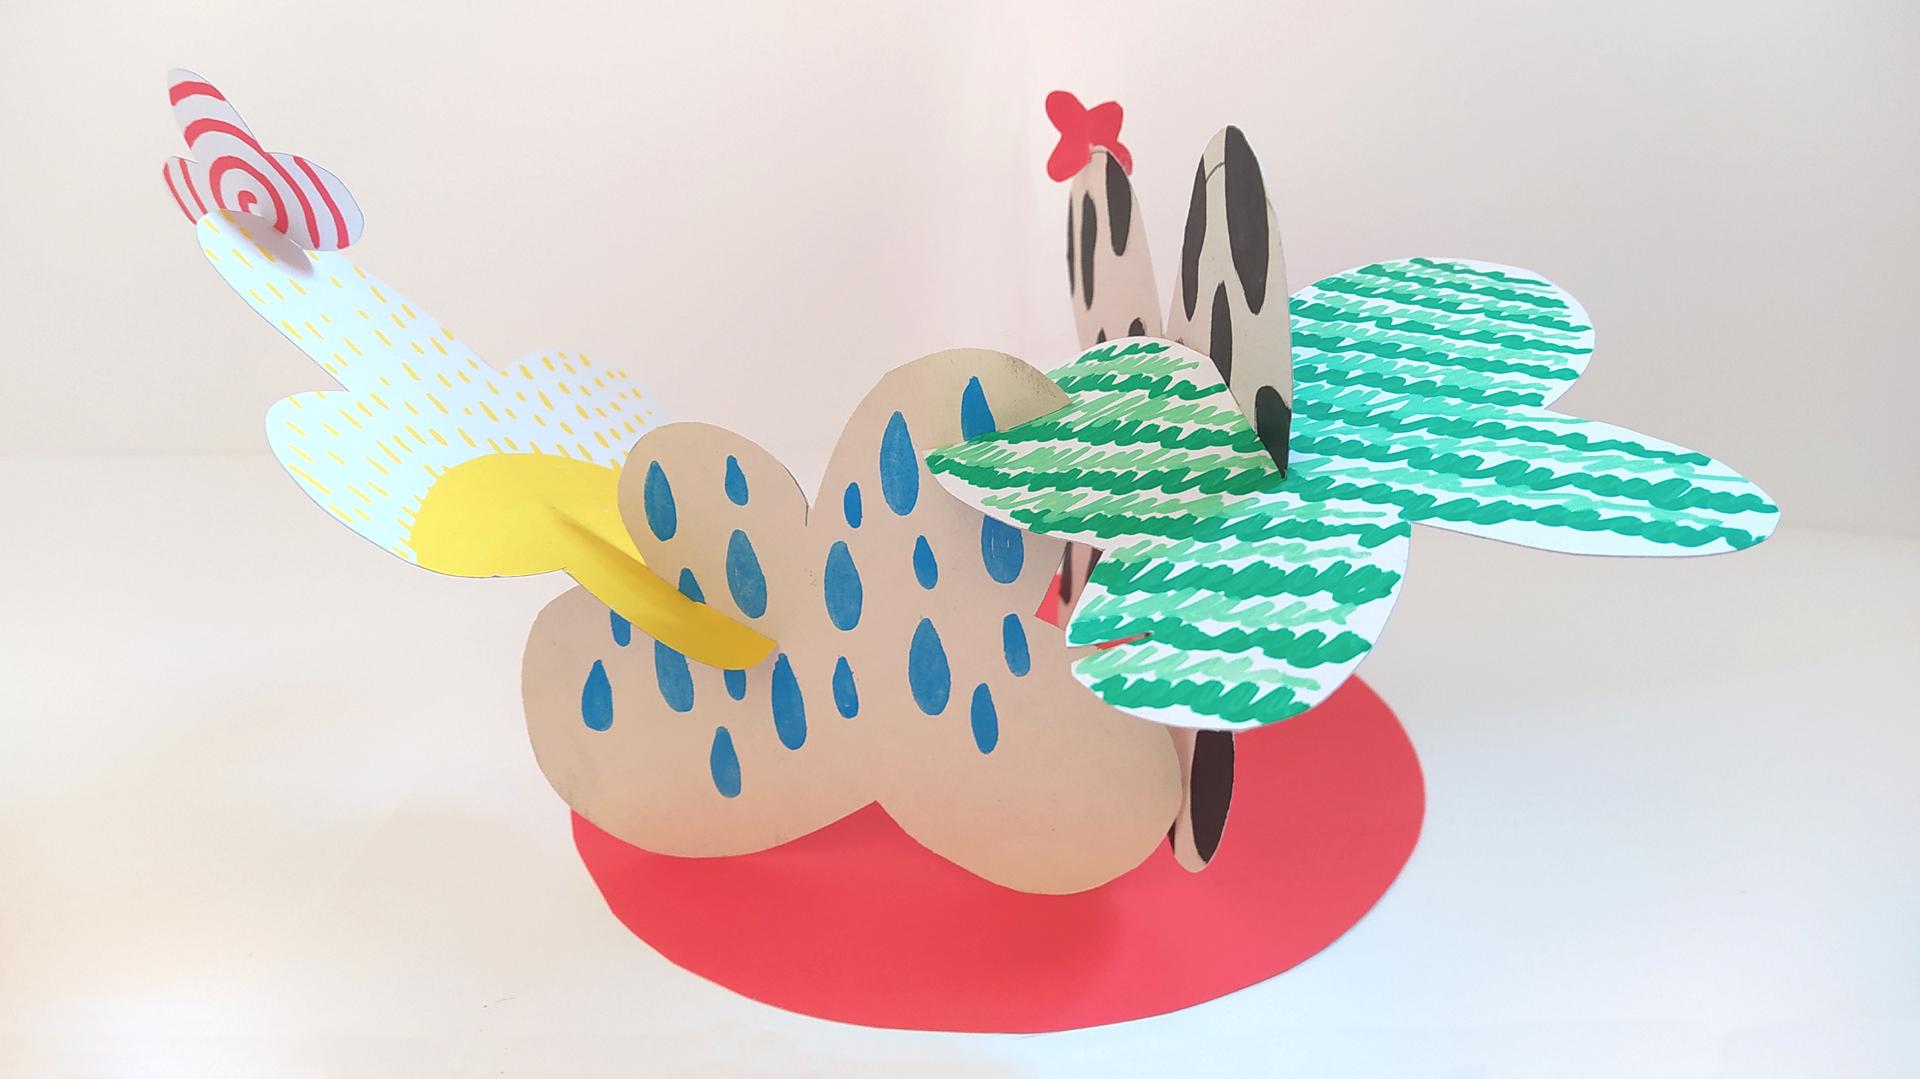 escultura con personajes abstractos en los cuentos